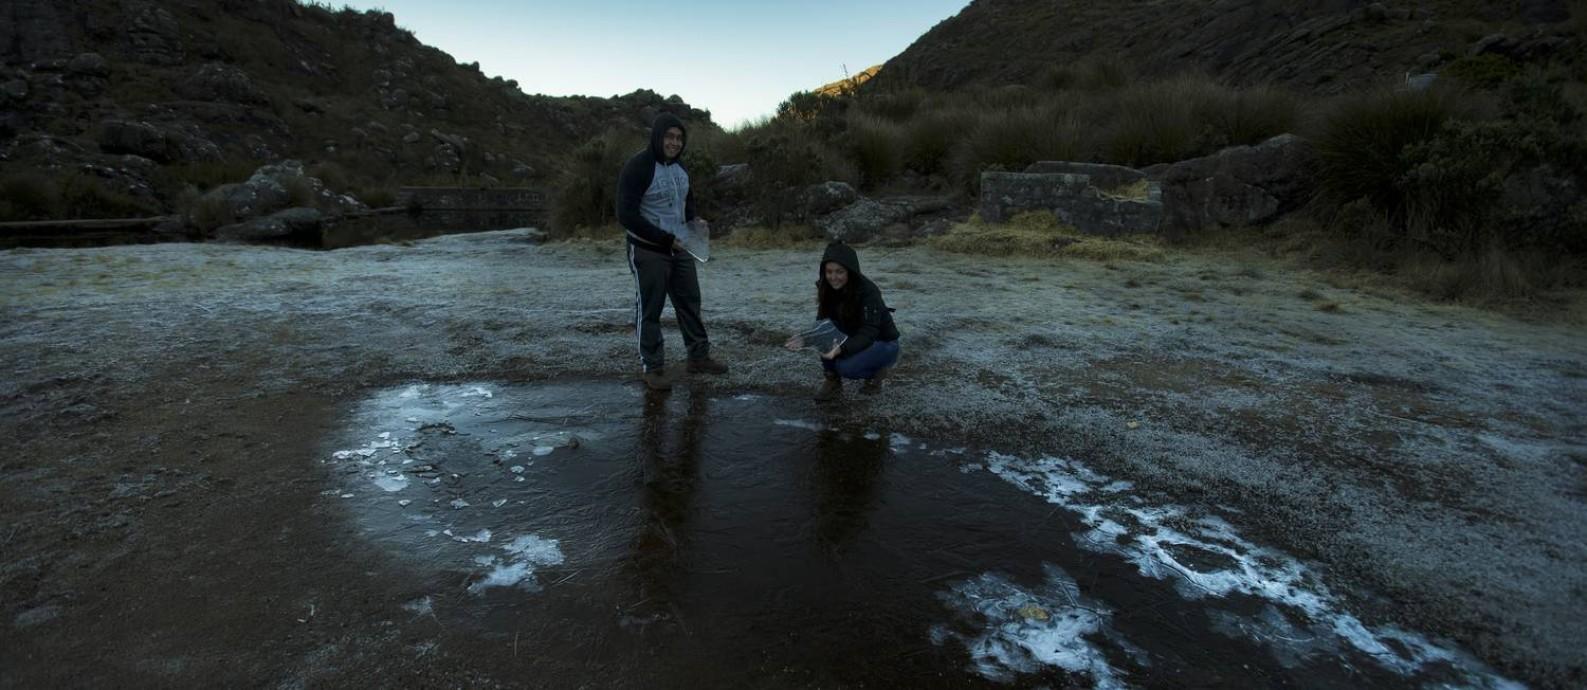 Os turistas Liliam e Marcelo Lois, com pedacos de gelo nas mãos, observam um braço de rio congelado e a vegetação gelada Foto: Antonio Scorza / Agência O Globo